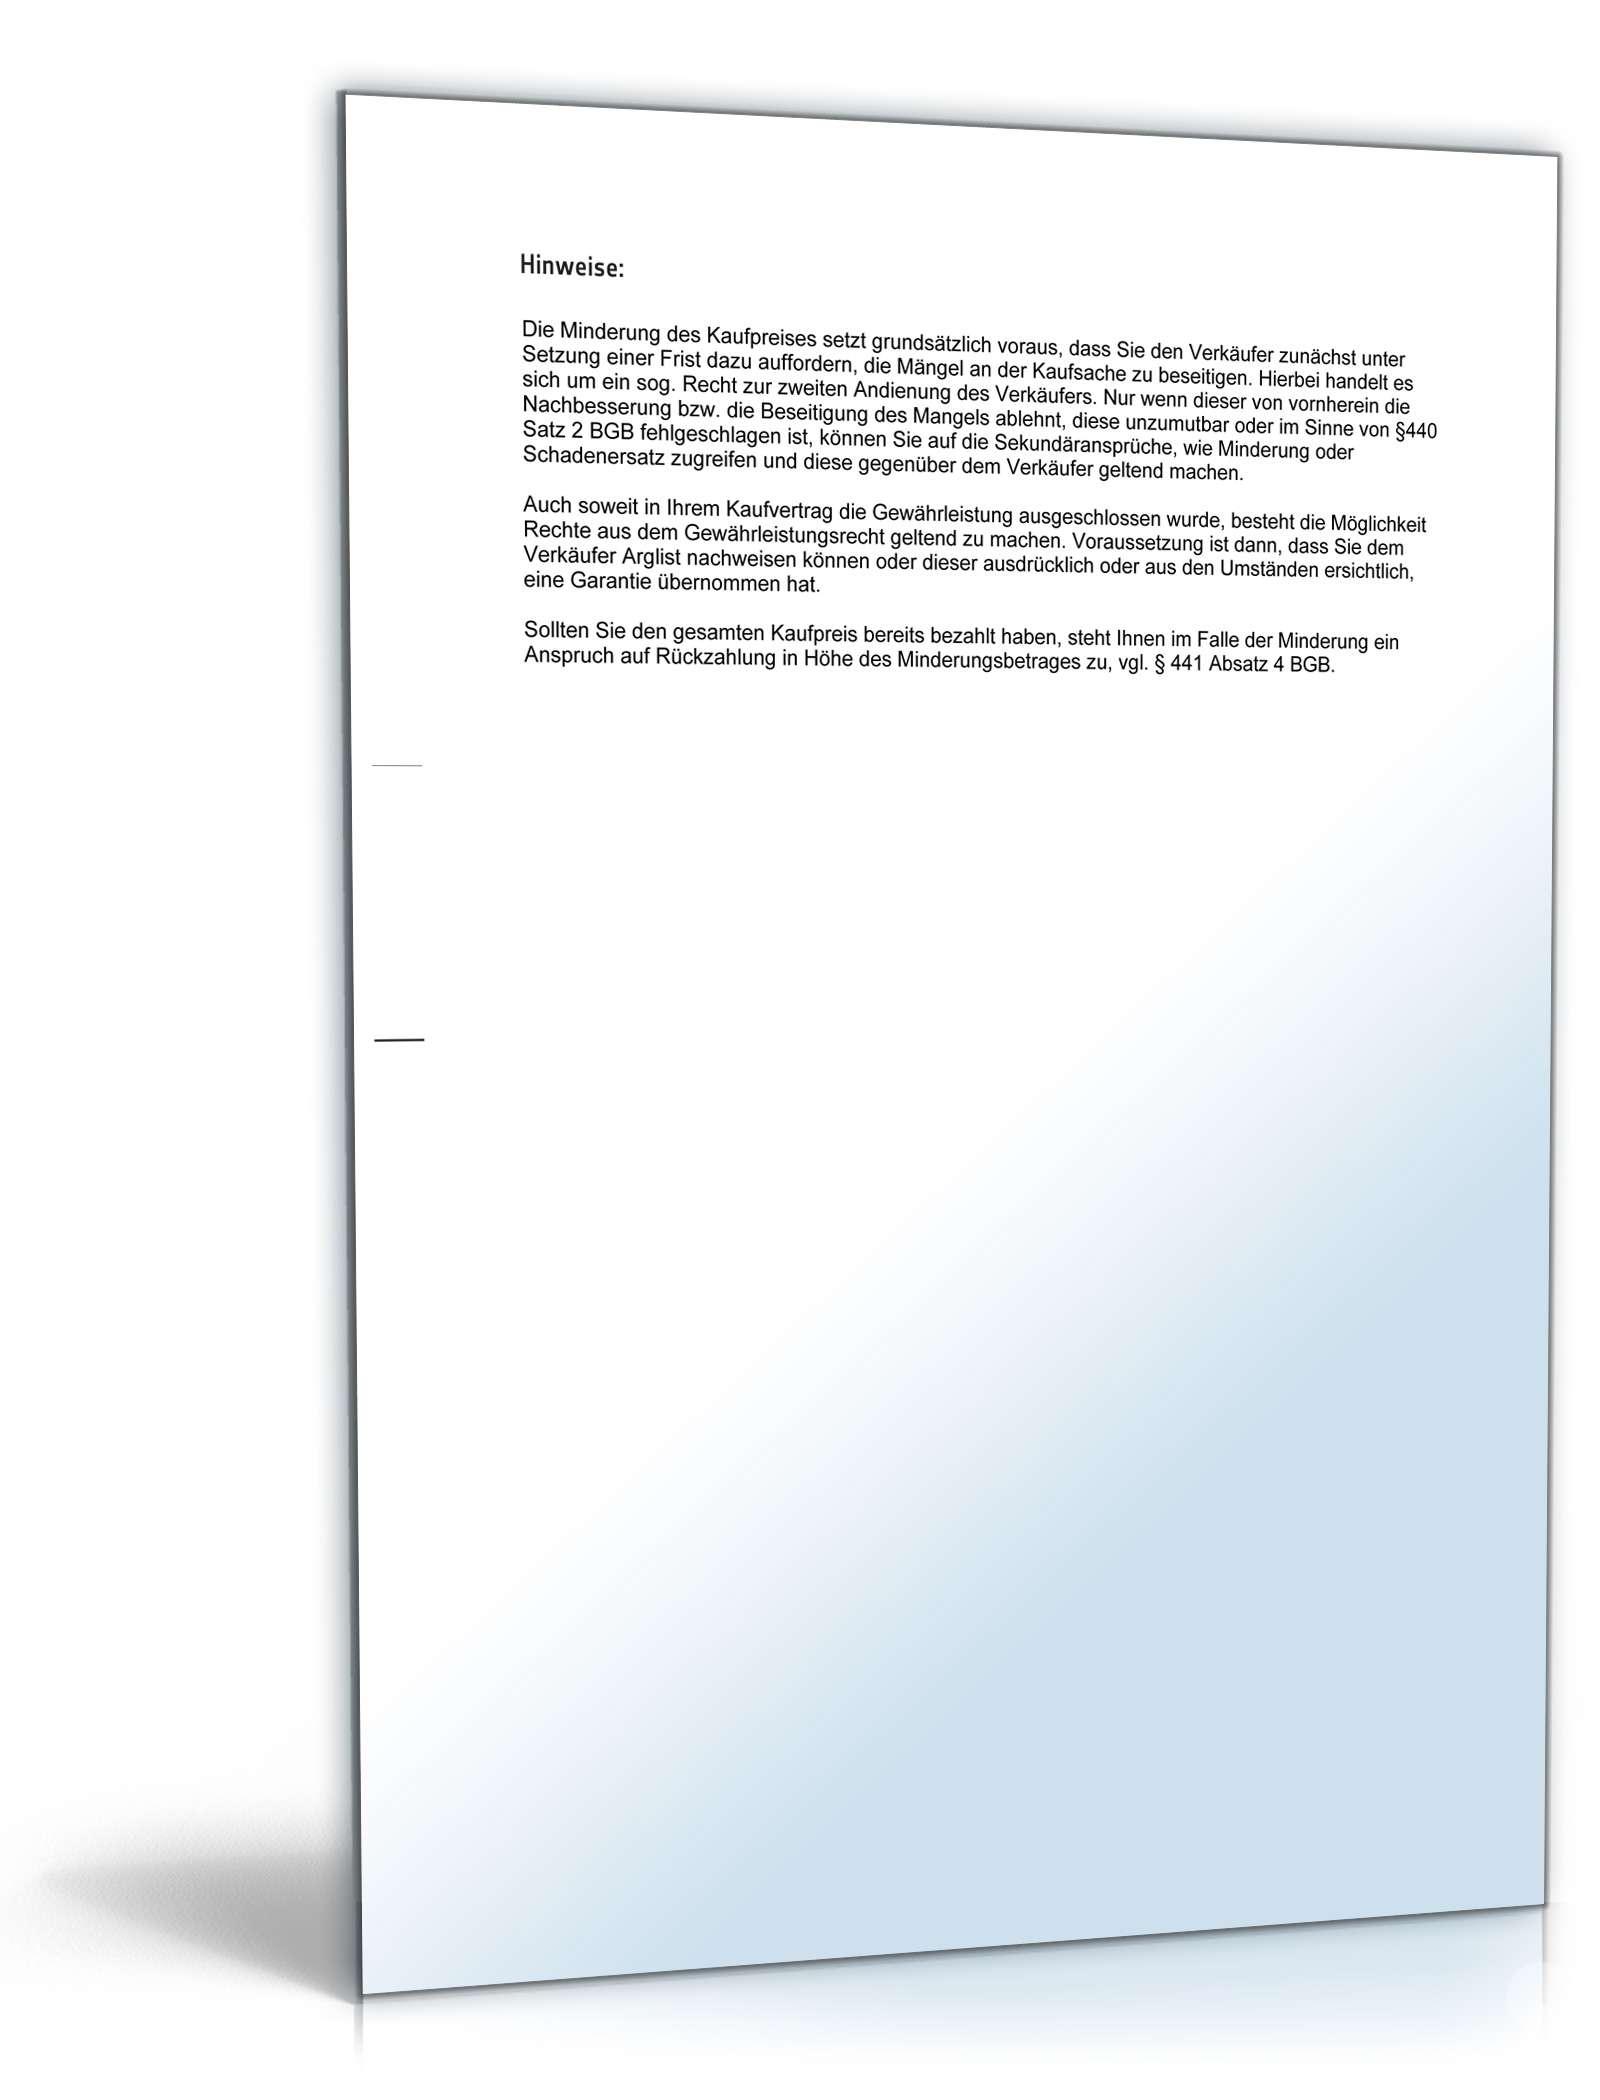 pdf seite 3 - Mangelanzeige Muster